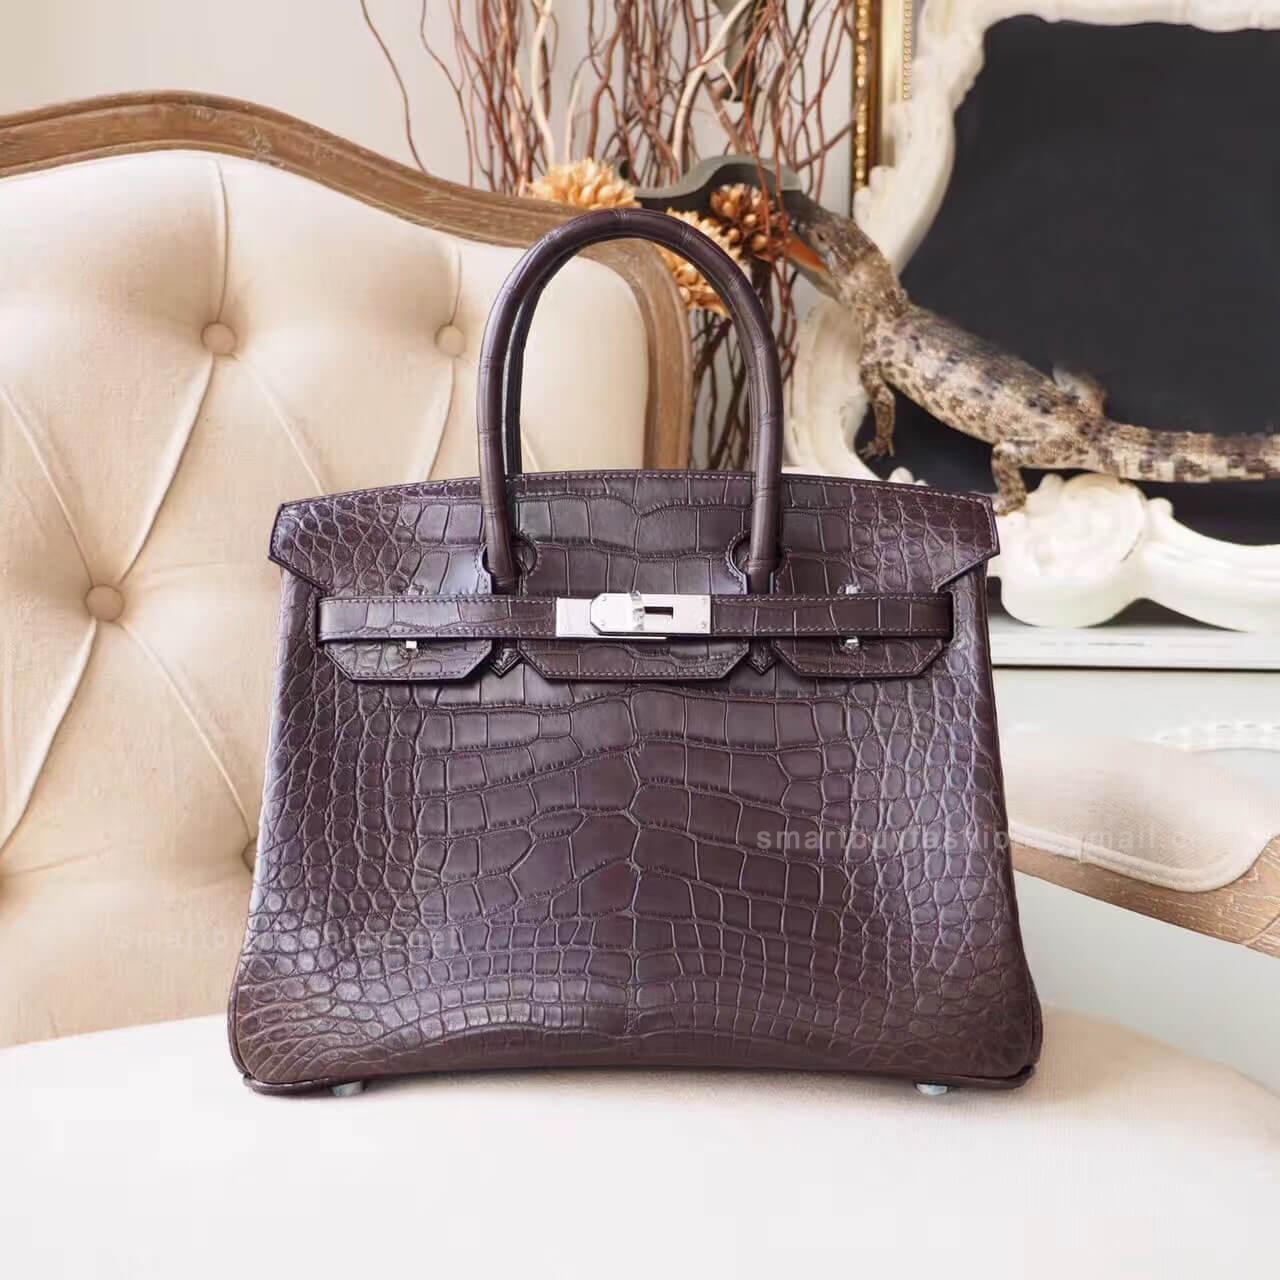 47bef6ccbf0f Hermes Birkin 30 Bag in ck47 Chocolate Matte Nile Croc PHW - Hermes ...